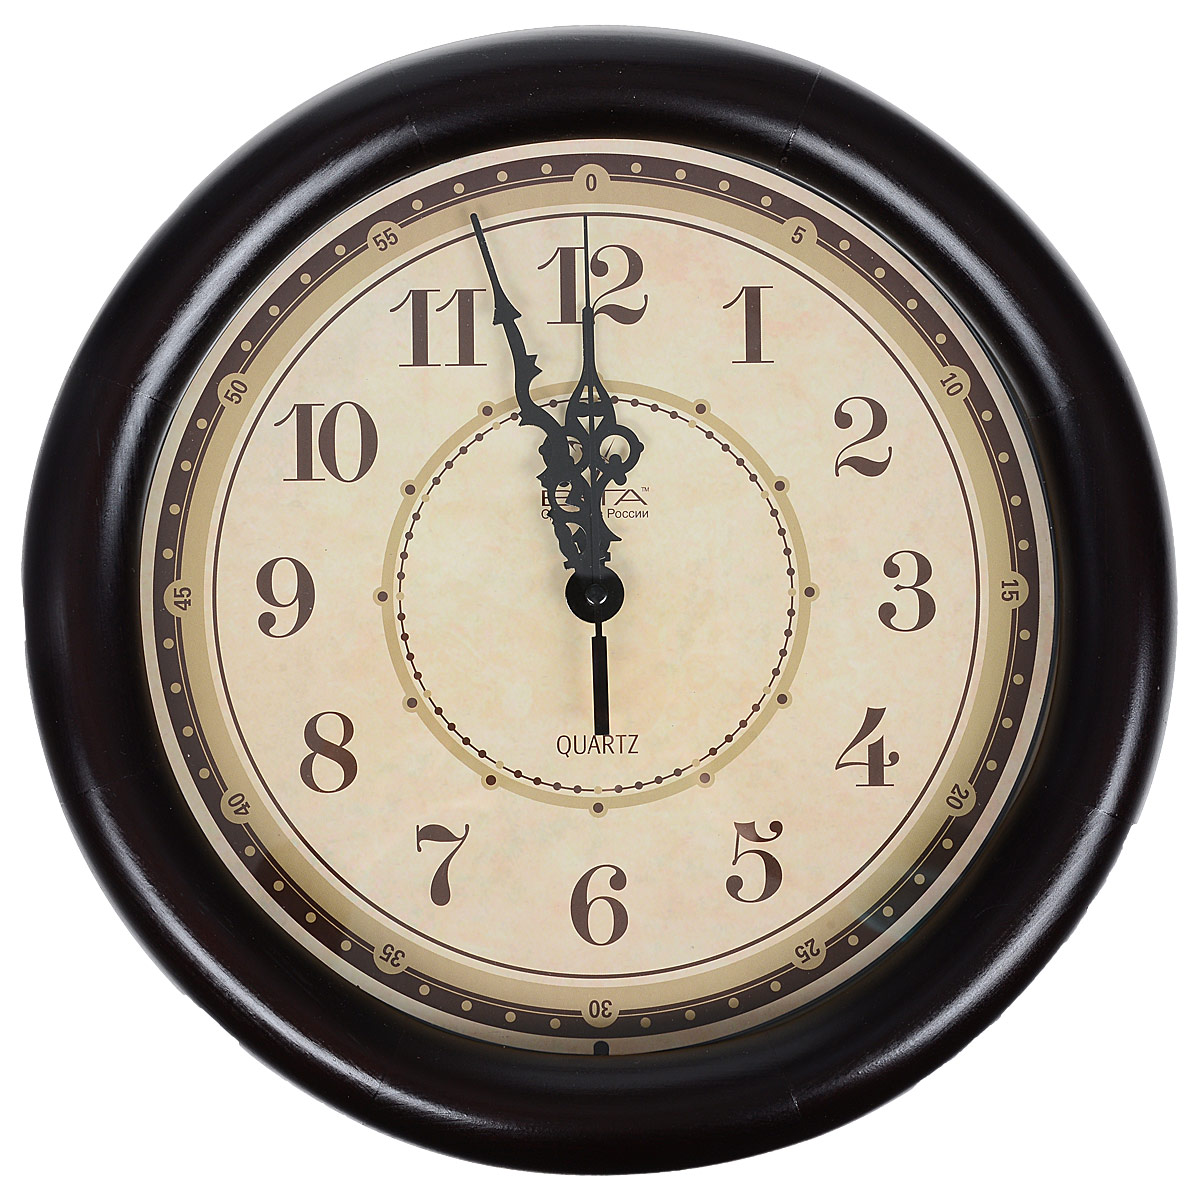 Часы настенные Вега Классика, цвет: темно-коричневый, диаметр 30 см4607053882155Настенные кварцевые часы Вега Классика, изготовленные из дерева, прекрасно впишутся в интерьер вашего дома. Часы имеют три стрелки: часовую, минутную и секундную, циферблат защищен прозрачным стеклом. Часы работают от 1 батарейки типа АА напряжением 1,5 В (не входит в комплект).Диаметр часов: 30 см.